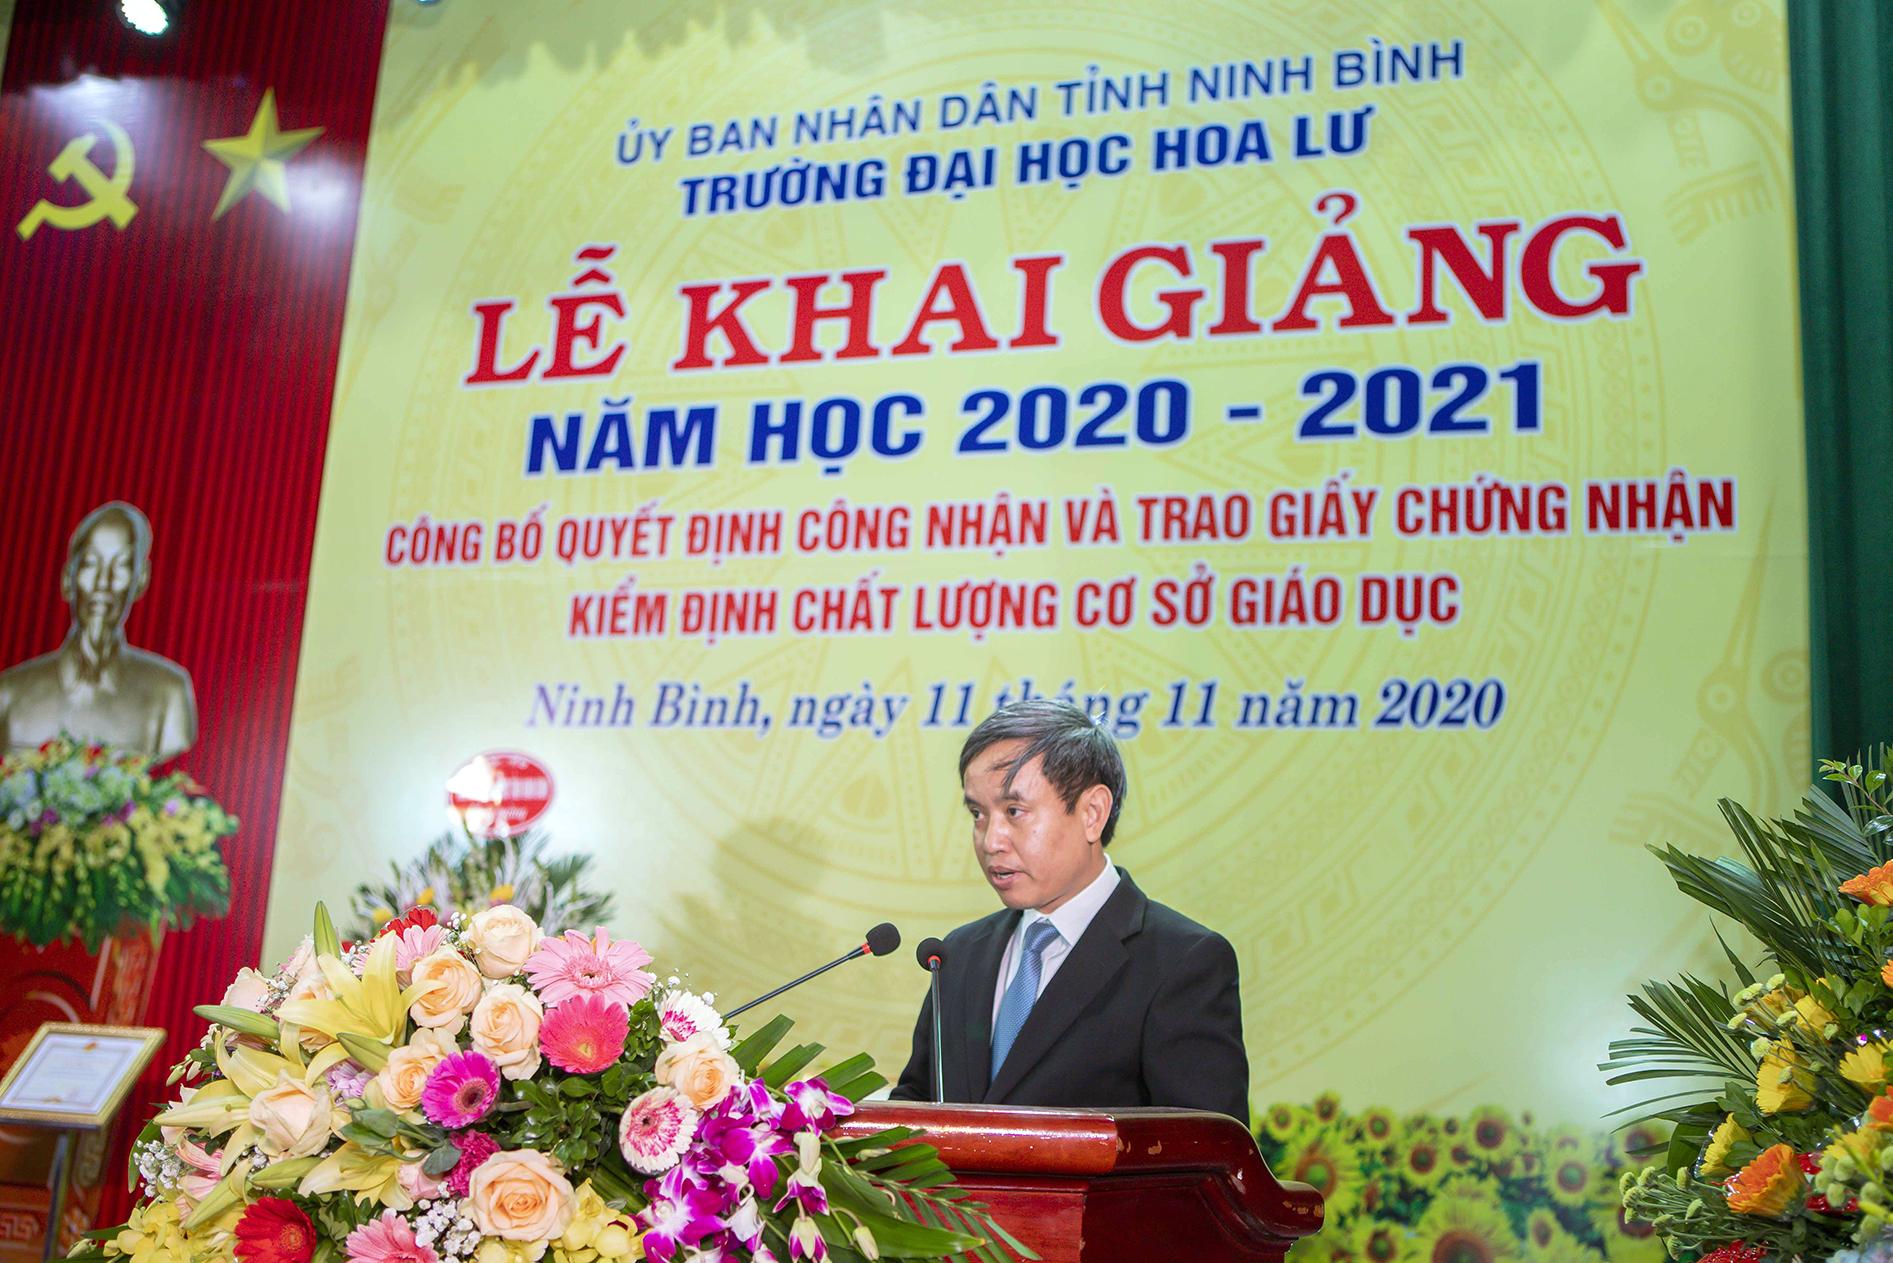 LỄ KHAI GIẢNG NĂM HỌC 2020 - 2021; CÔNG BỐ QUYẾT ĐỊNH CÔNG NHẬN VÀ TRAO GIẤY CHỨNG NHẬN KIỂM ĐỊNH CHẤT LƯỢNG CƠ SỞ GIÁO DỤC